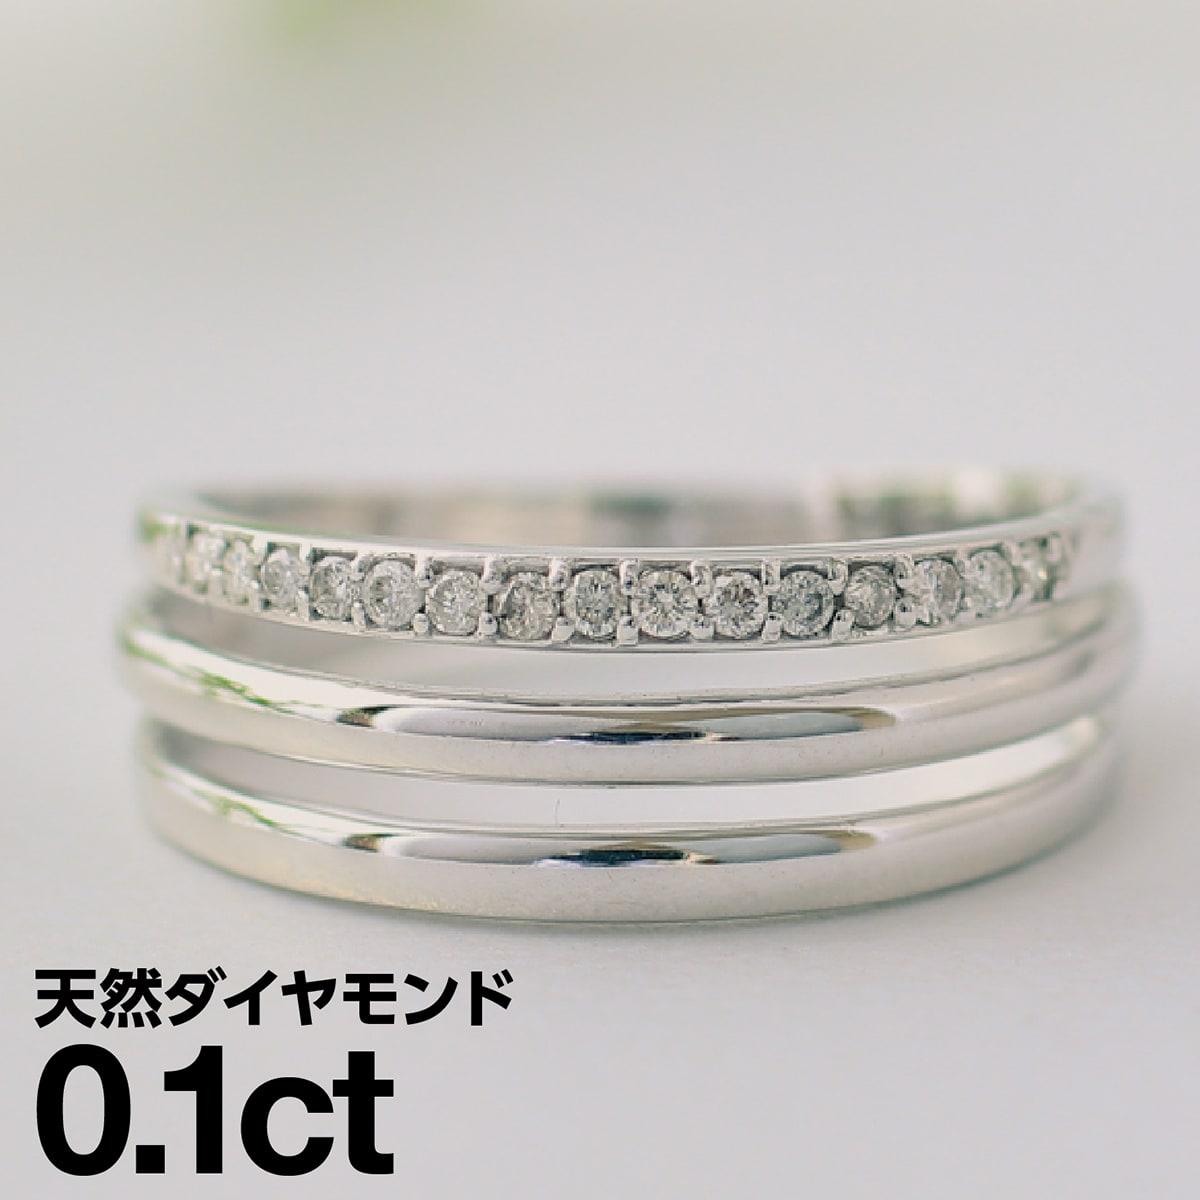 指輪 pt900 女性 20代 30代 40代 爆安 50代 60代 ダイヤモンドリング 上品 プラチナ900 ファッションリング 日本製 ダイヤモンド 天然ダイヤ ホワイトデー リング 金属アレルギー smtb-s 品質保証書 プレゼント ギフト